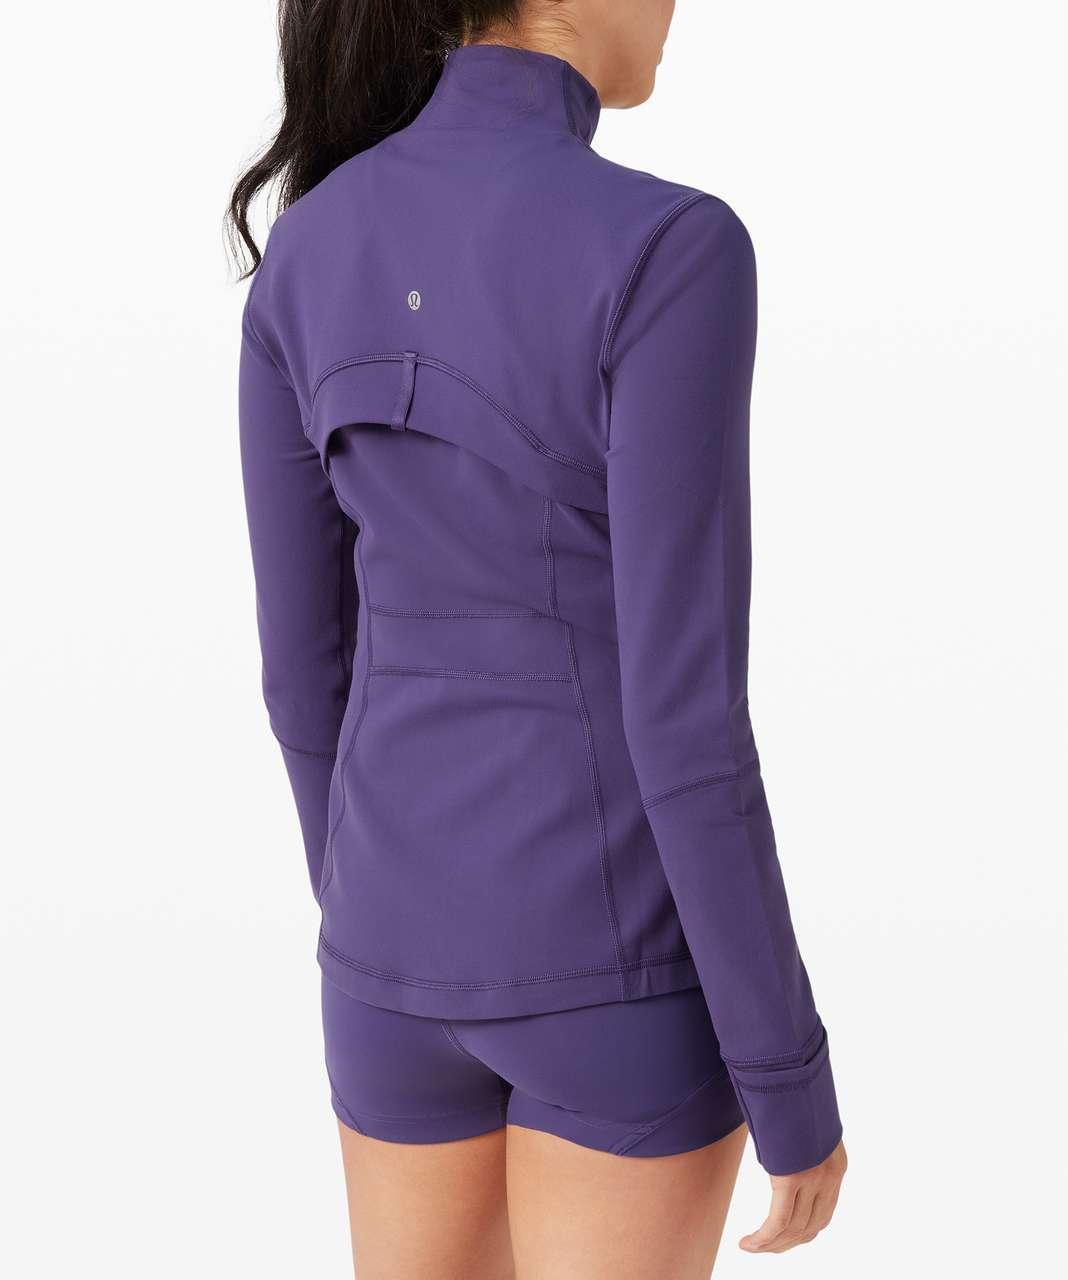 Lululemon Define Jacket - Midnight Orchid